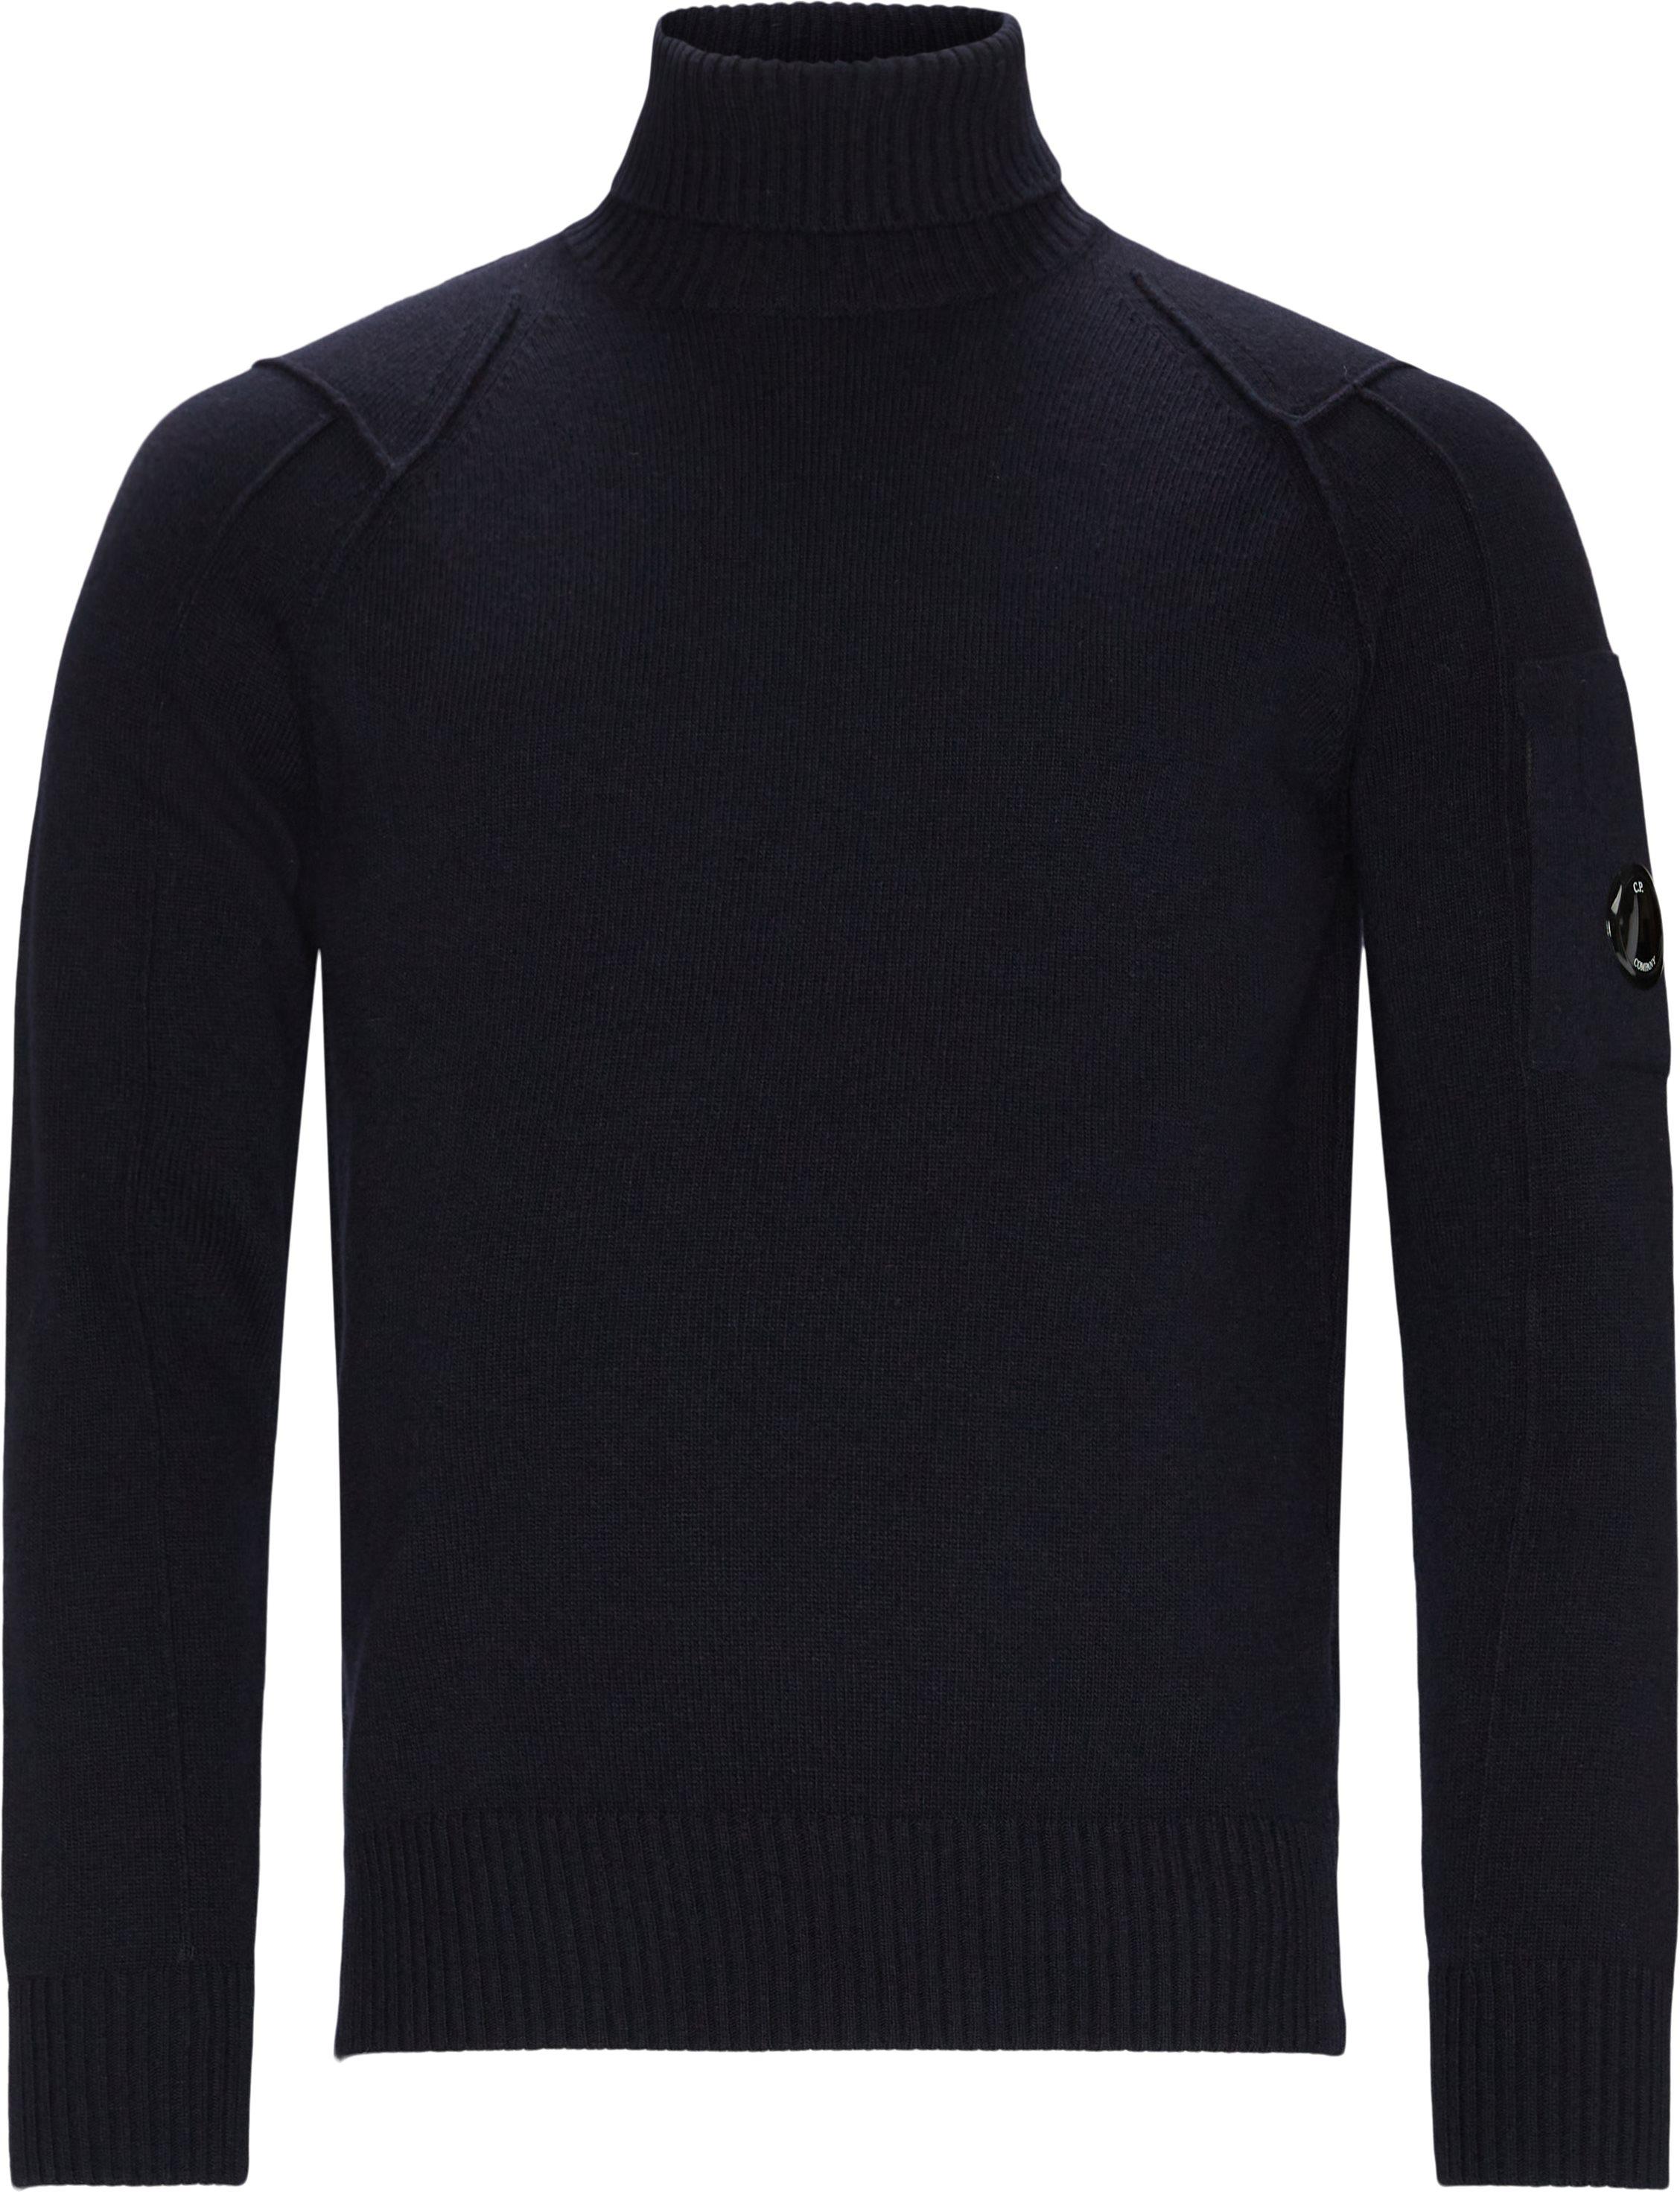 Rollneck Knit - Strik - Regular fit - Blå